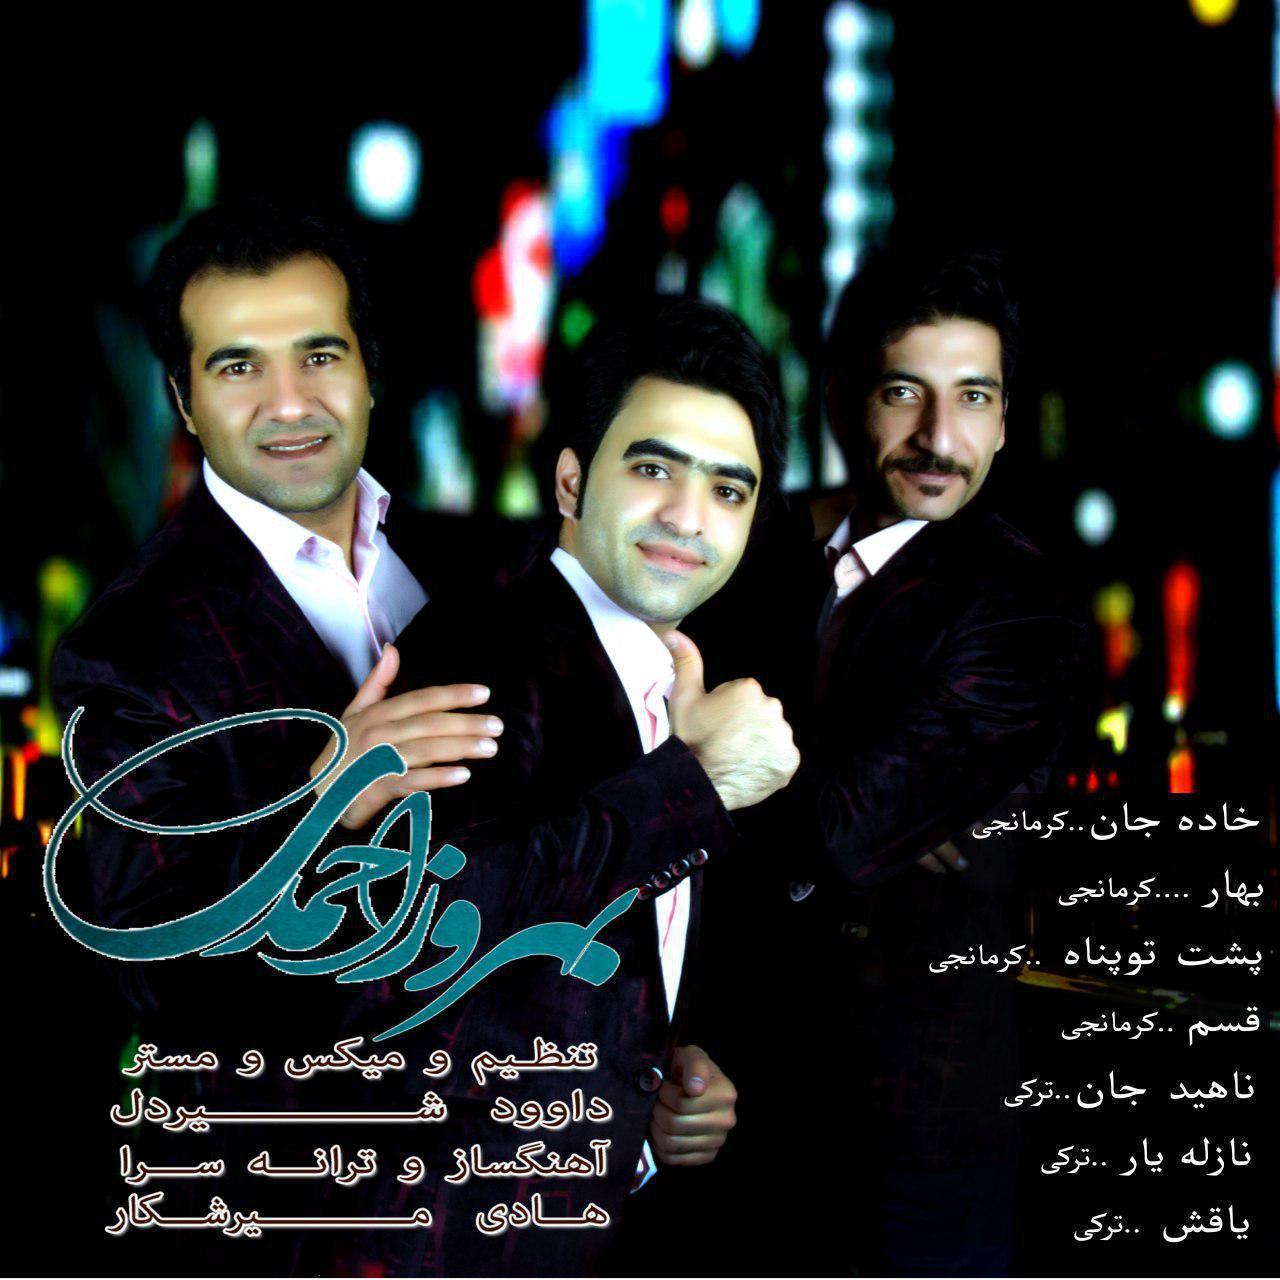 بهروز احمدی خاده جان